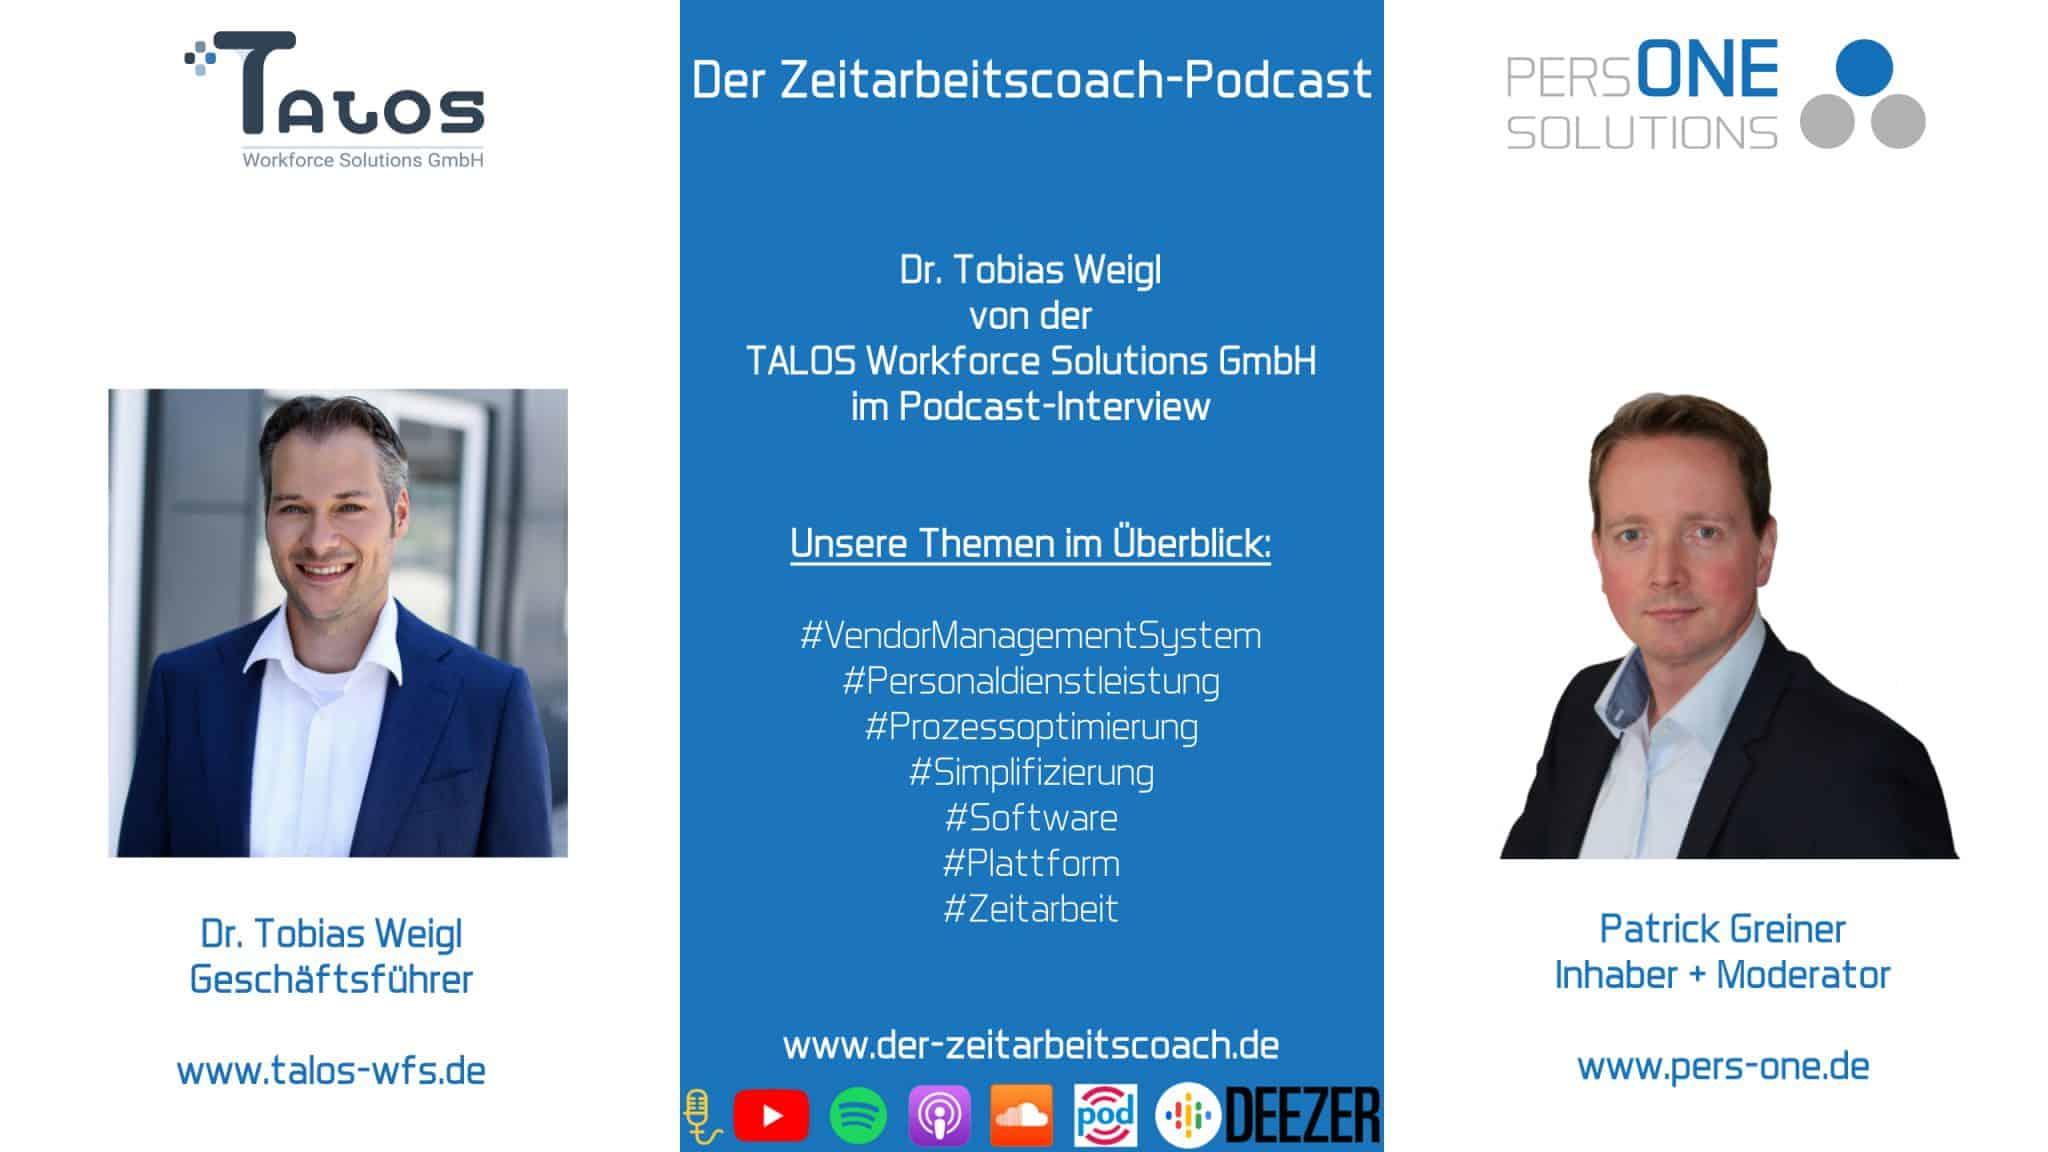 Dr. Tobias Weigl von Talos